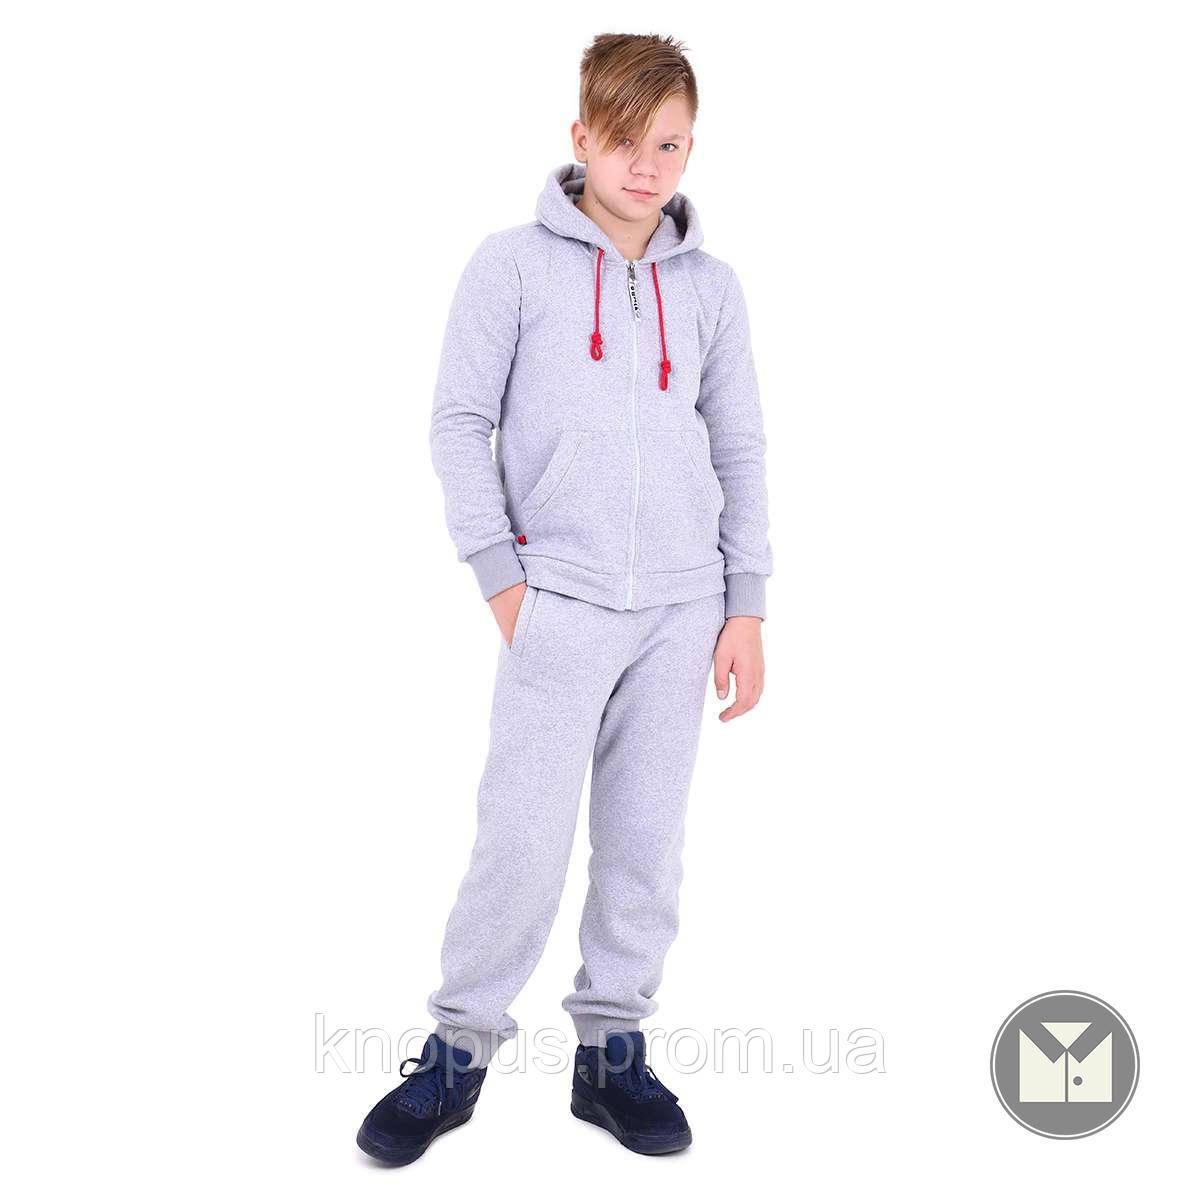 Копия Спортивный костюм Jordan (светло-серый), размеры 122-152, Тимбо